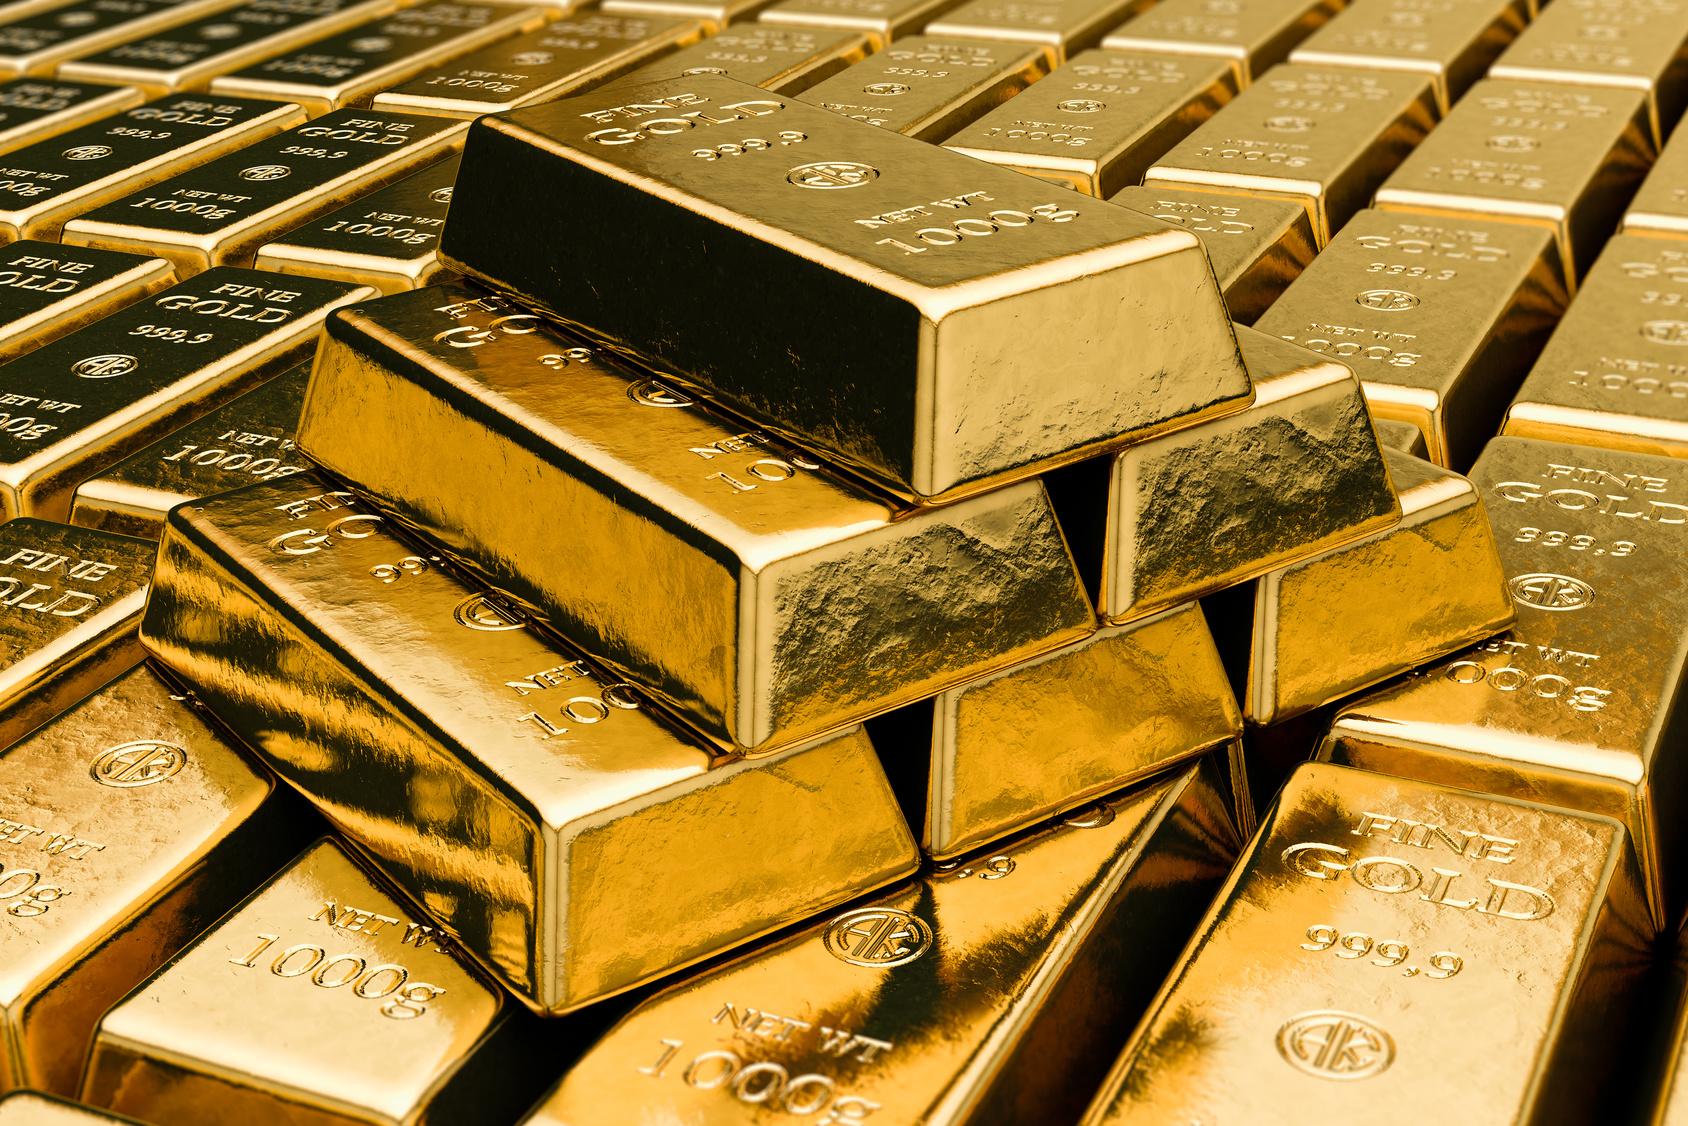 złoto, sztabki złota, sztabka, rezerwa złota, bank, bank centralny, wymiana walut, Ekantor.pl